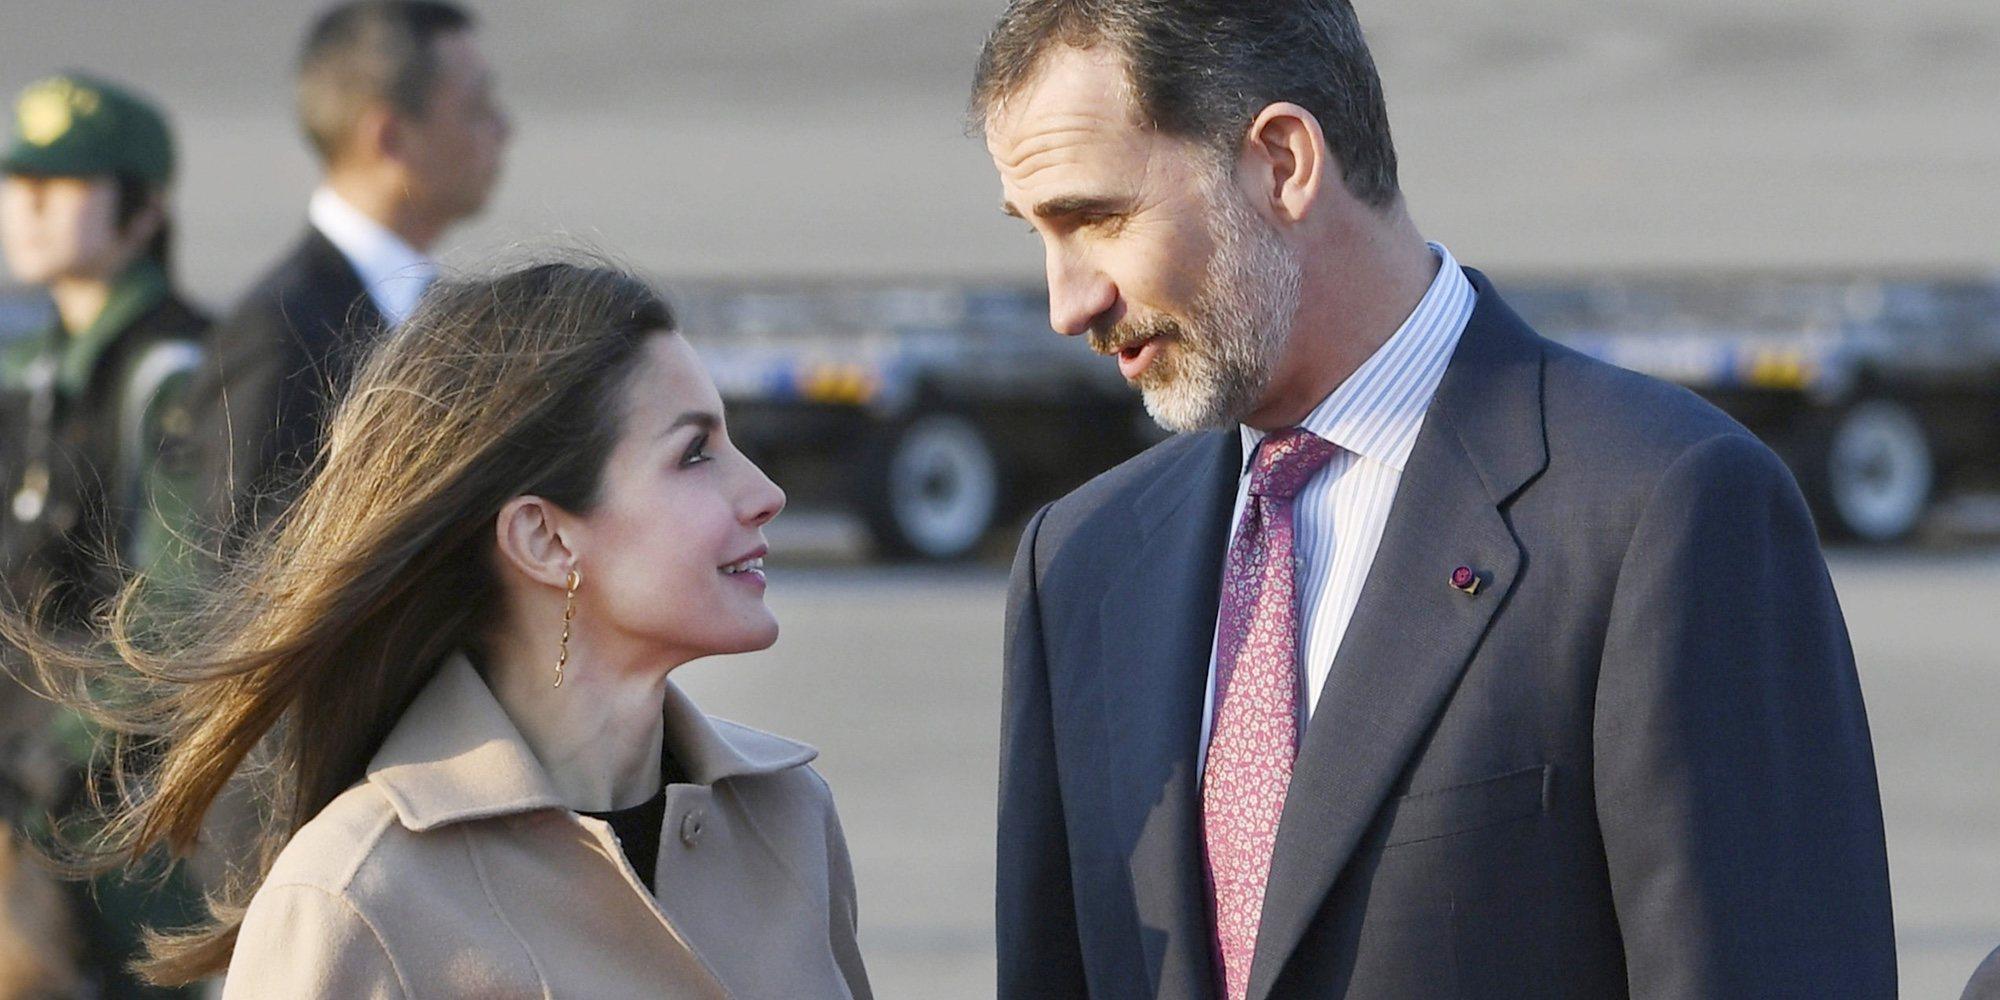 El amor de los Reyes Felipe y Letizia: un matrimonio con altibajos que remontó por el bien de sus hijas y de la Corona